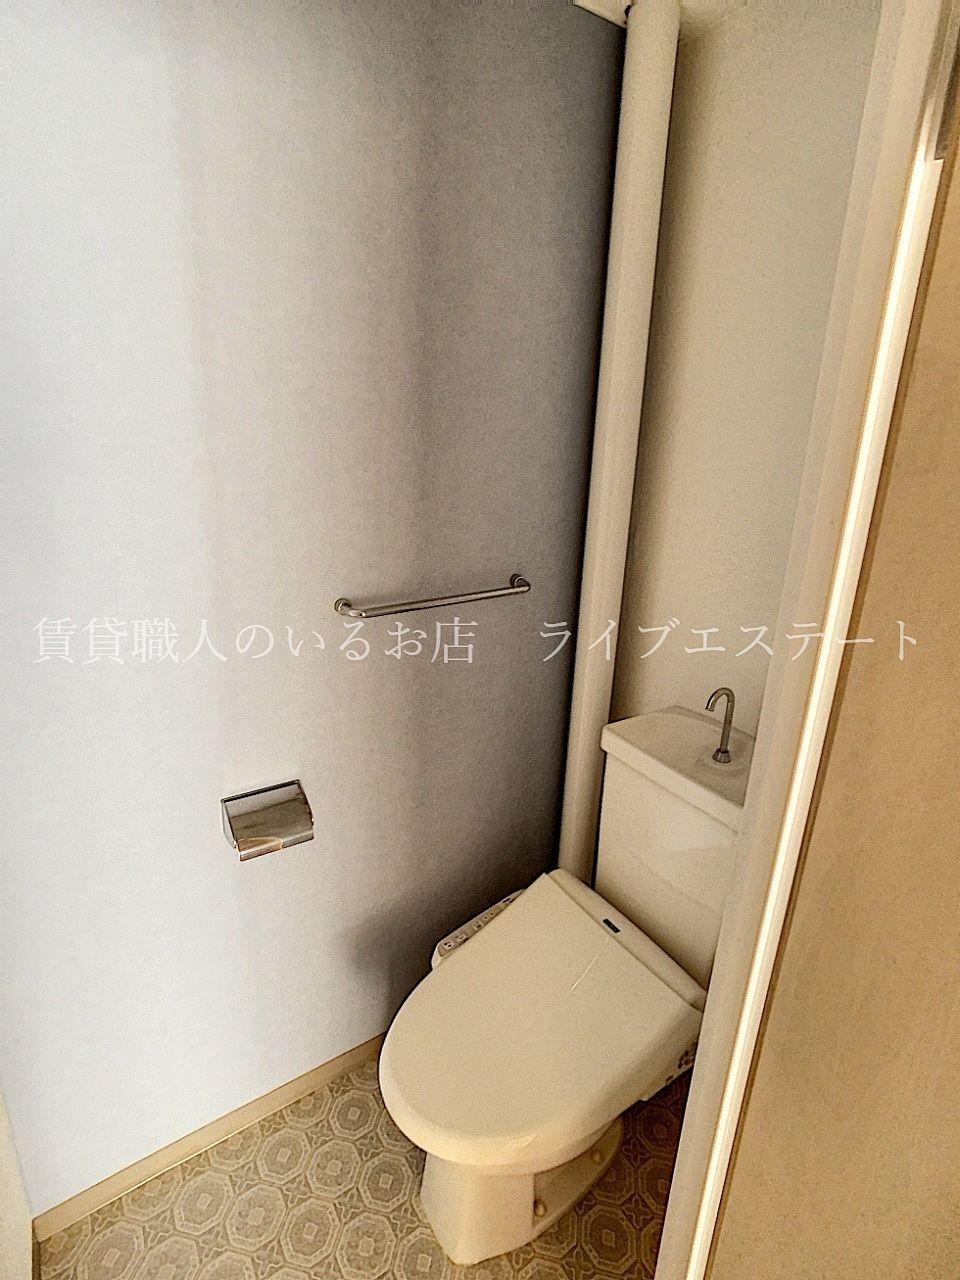 洗面脱衣所からさらに奥に入るので、音がリビングまで聞こえにくいです